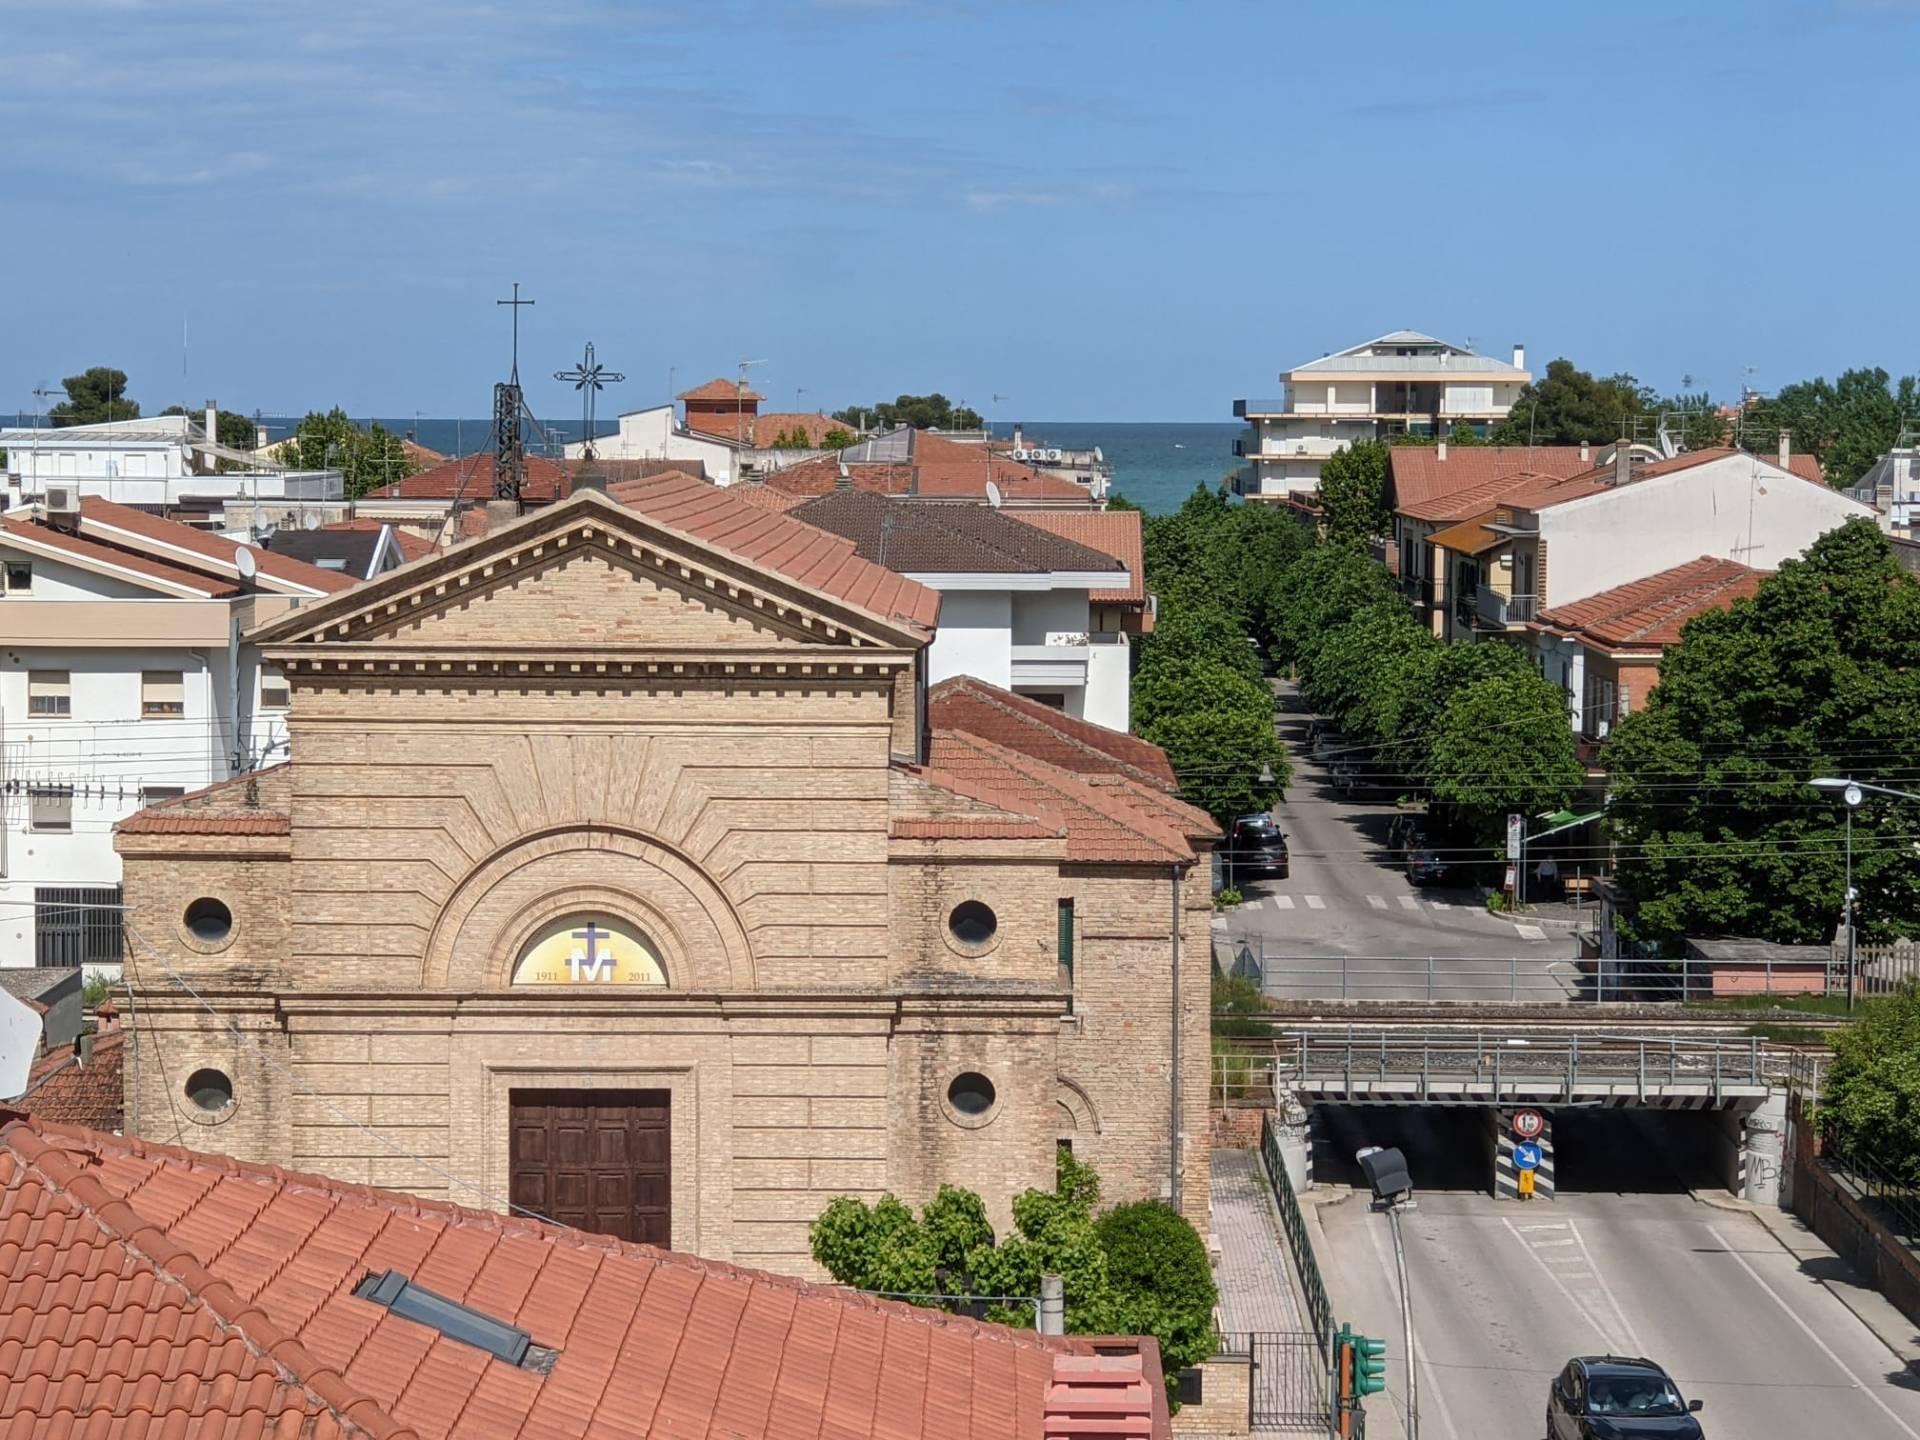 Attico / Mansarda in vendita a Giulianova, 3 locali, prezzo € 170.000   PortaleAgenzieImmobiliari.it